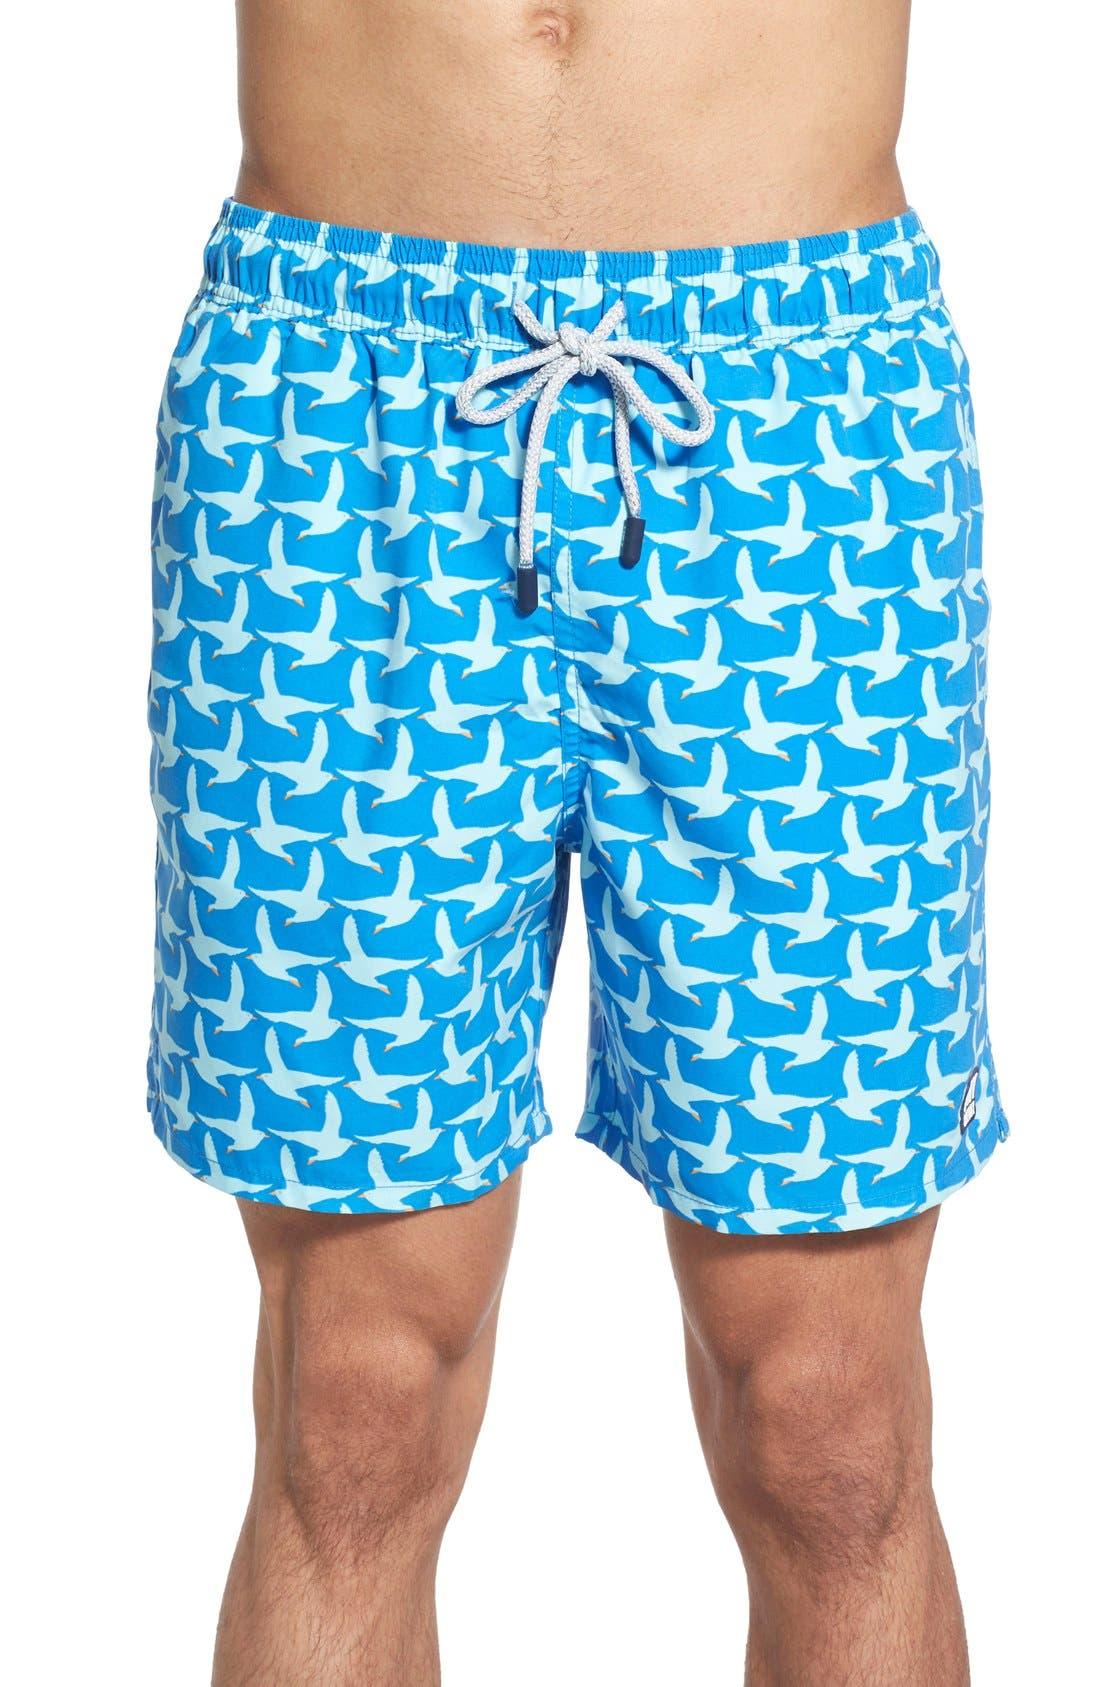 TOM & TEDDY Seagull Print Swim Trunks in Cobalt Blue